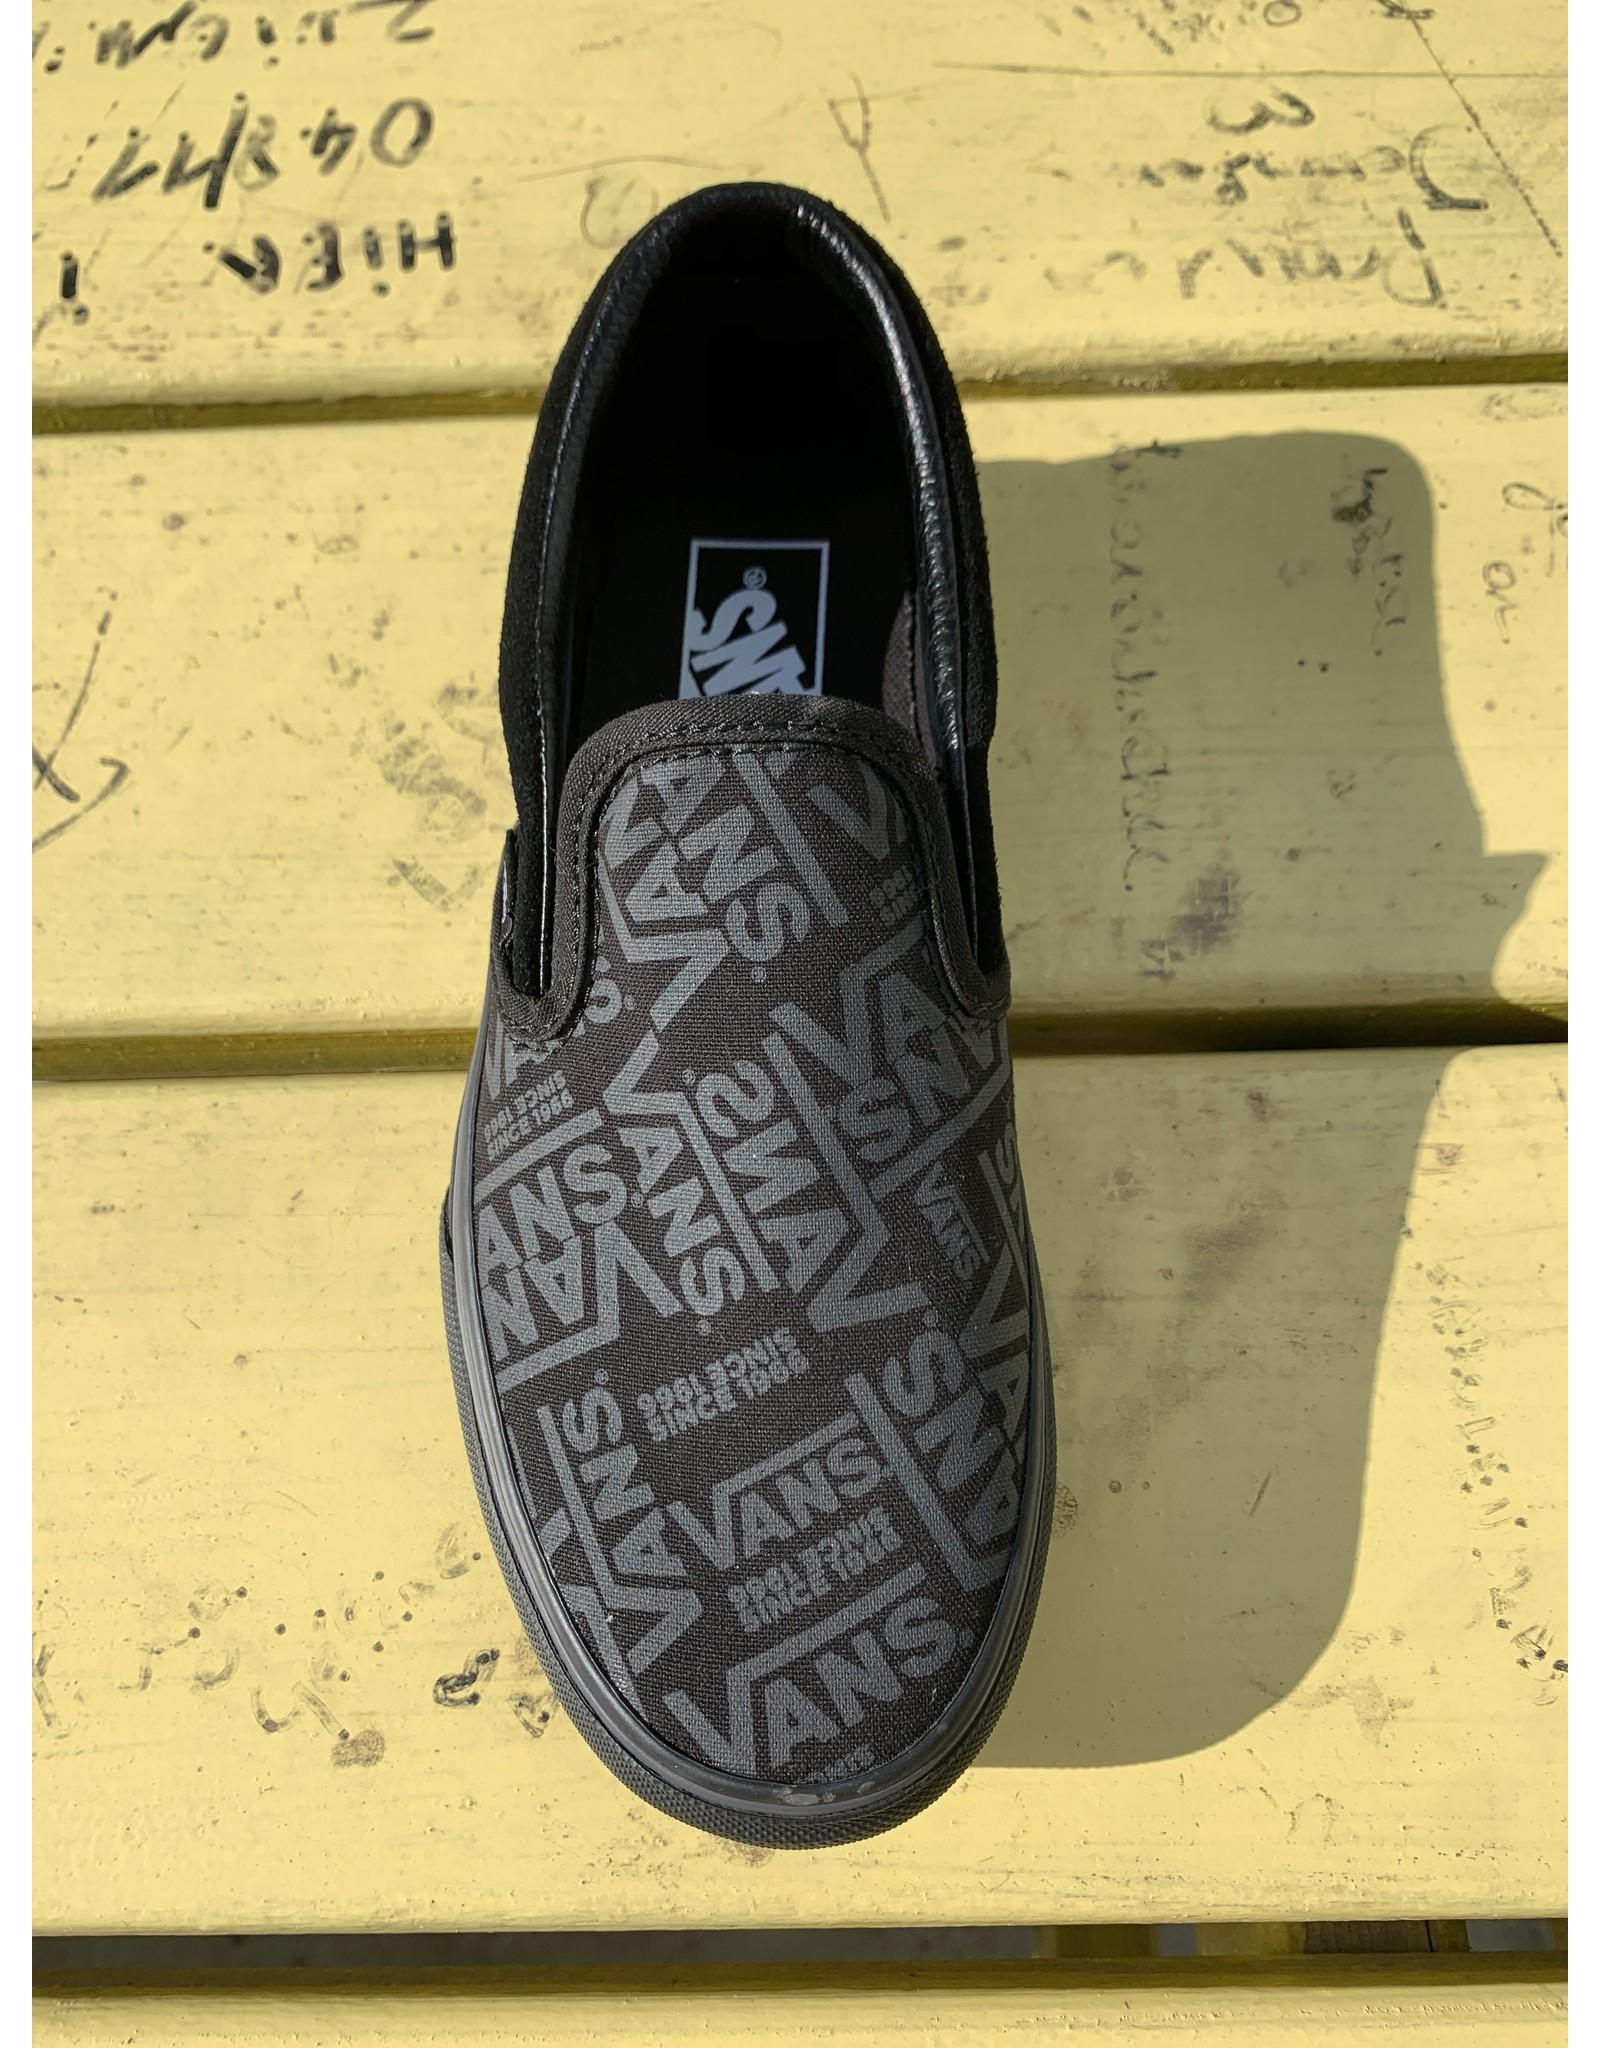 Vans Vans classic slip on